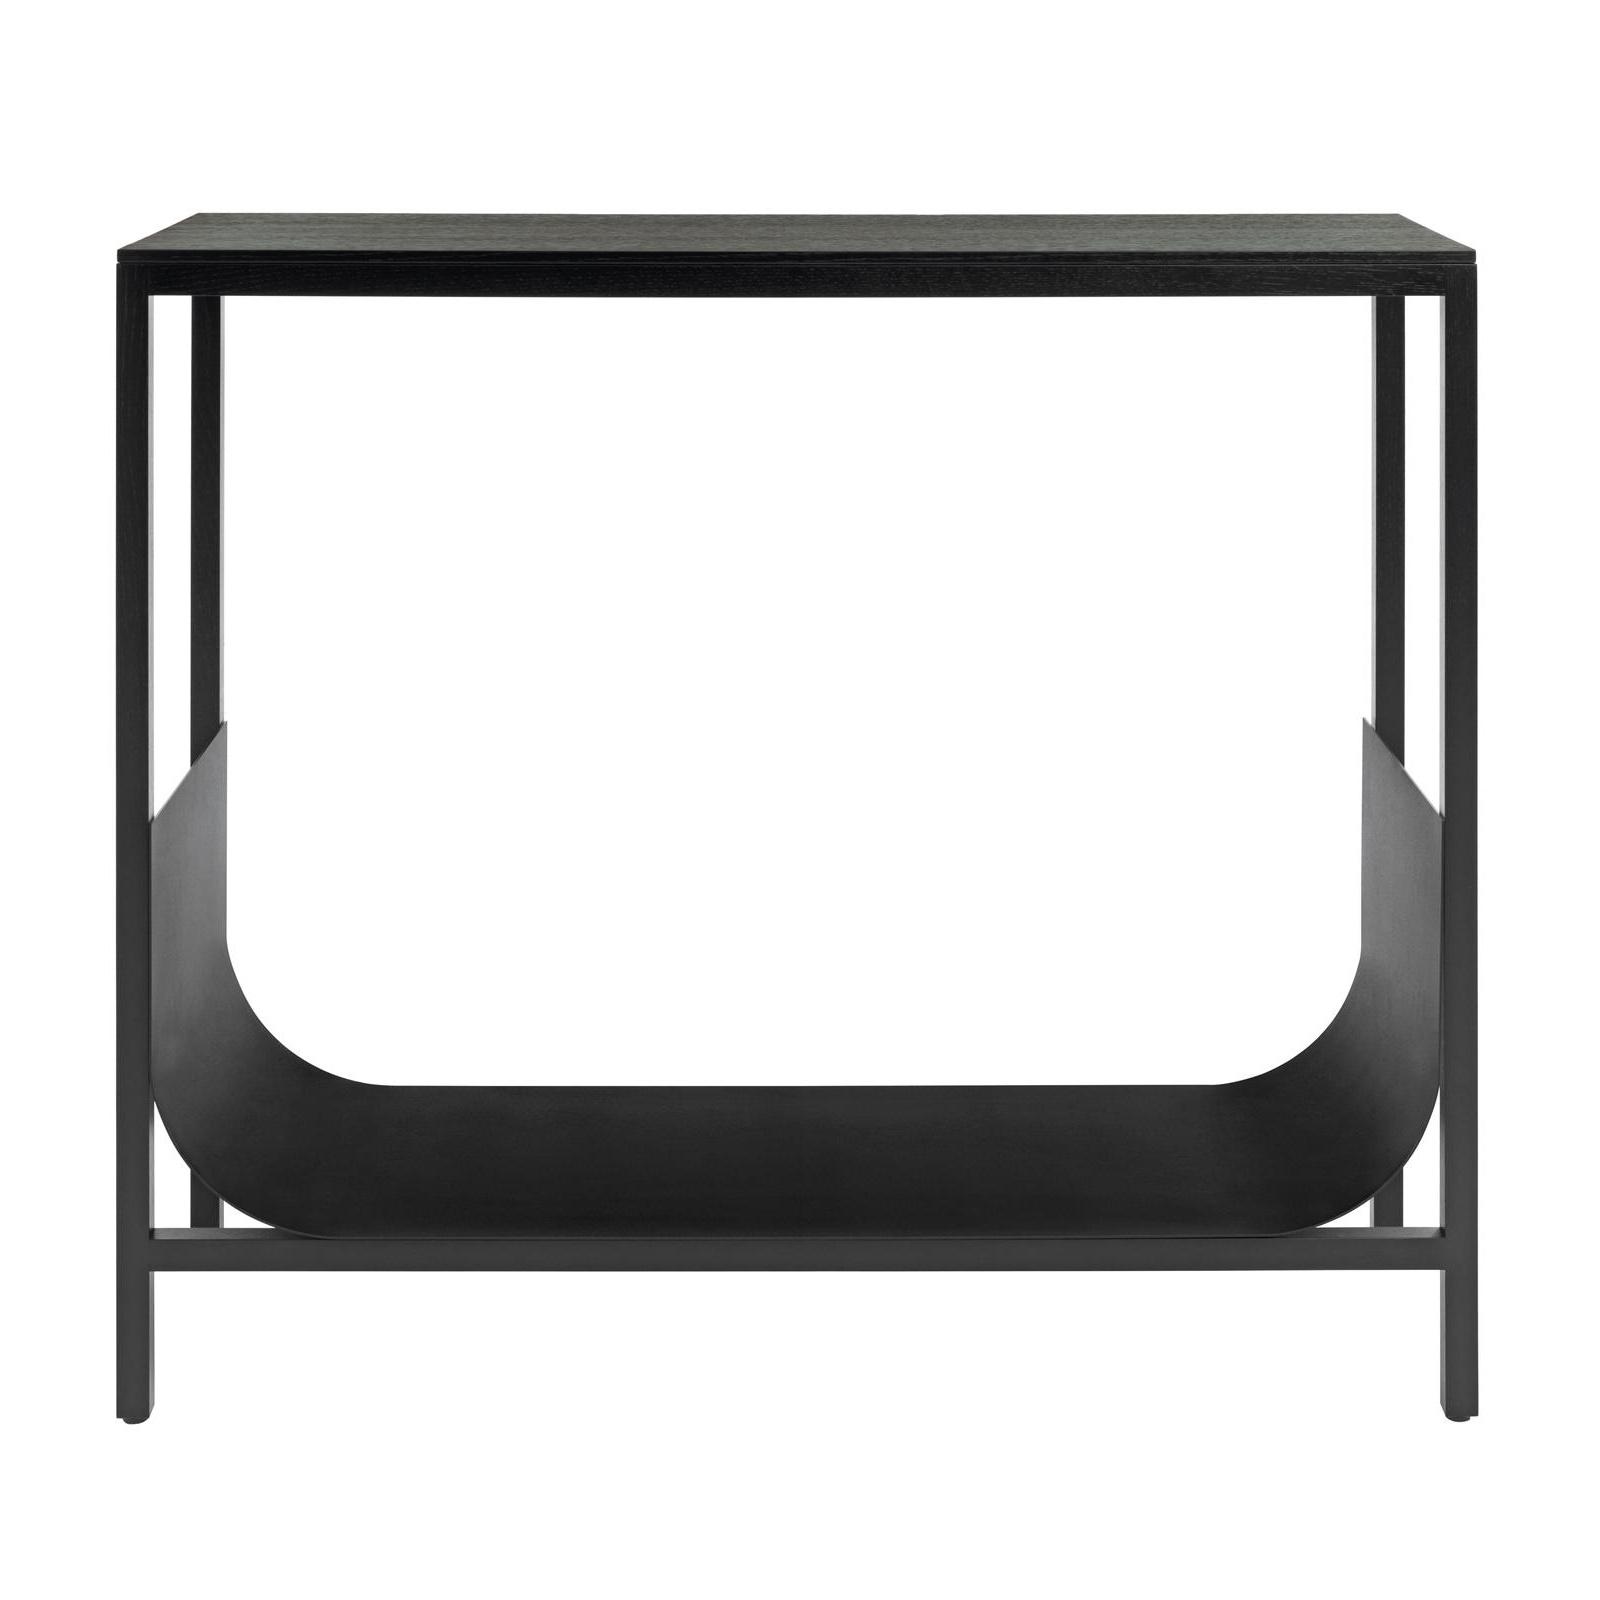 Schönbuch - TUB - Table console - noir/chêne poreux laqué/bassin d'acier revêtement par poudre/LxPxH 90x32x80cm